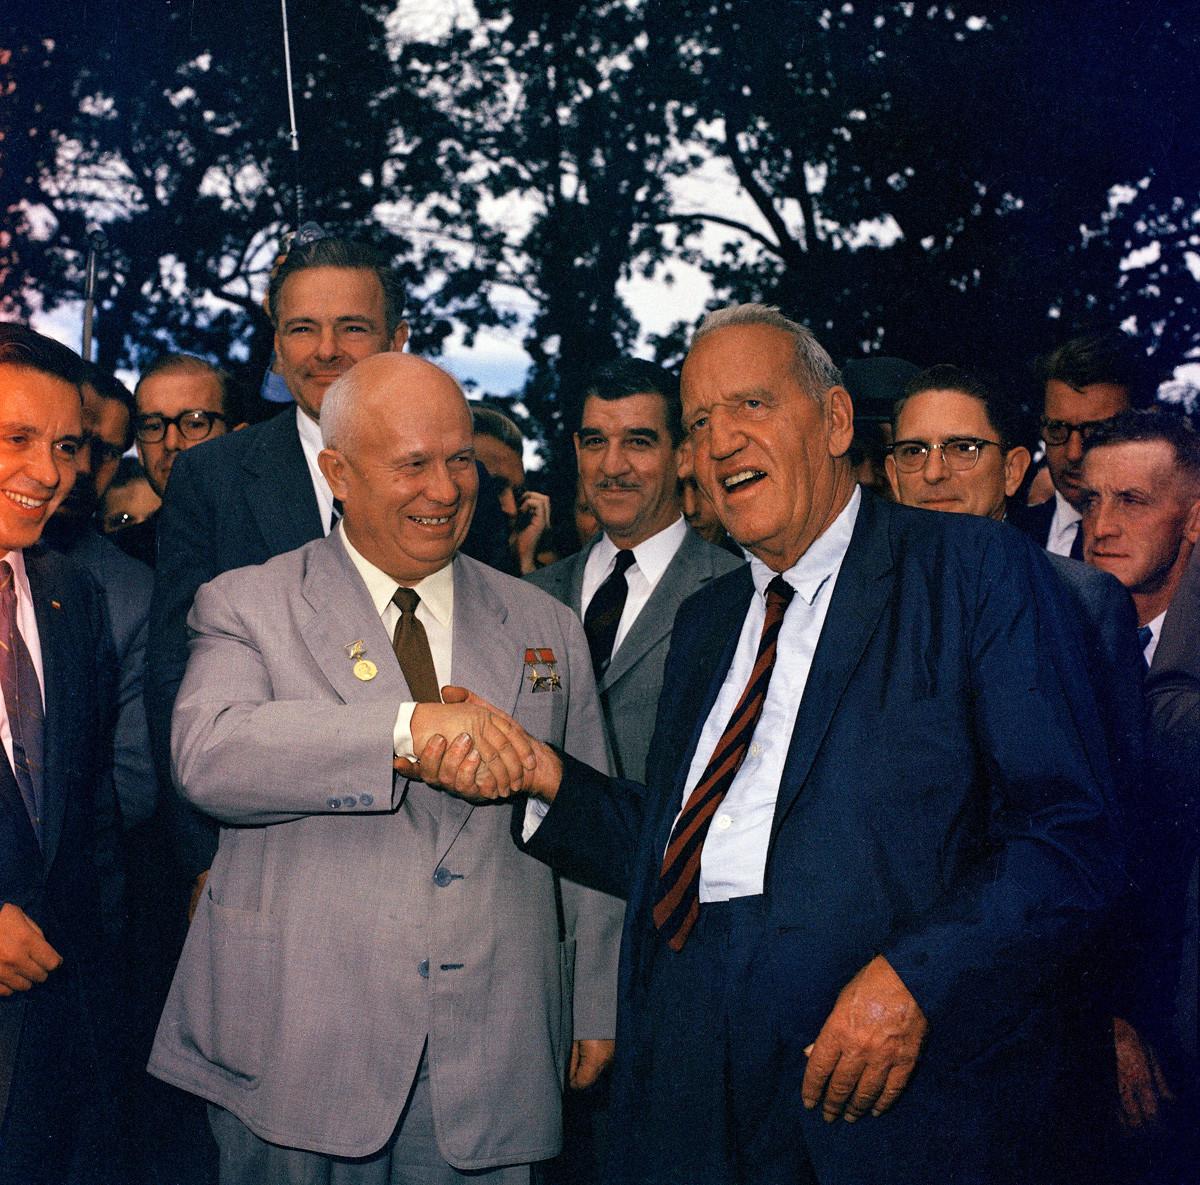 Съветският премиер Никита Хрушчов (вляво) стиска ръката на Розуел Гарст, фермер от Айова, при когото е на посещение, 23 септември 1959 г.